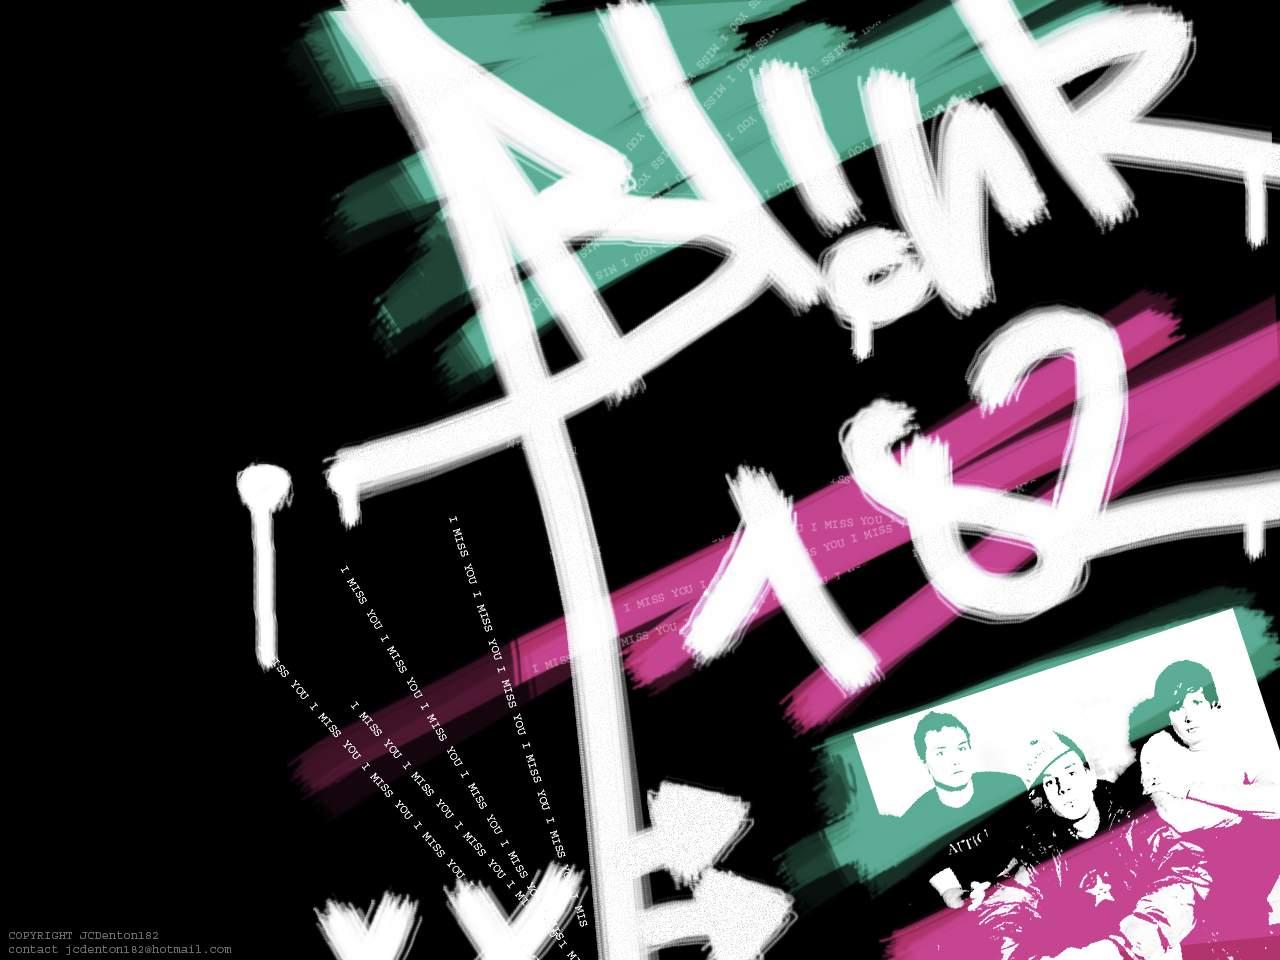 http://1.bp.blogspot.com/-yTsoZDVhRc0/TtzUFbUhuZI/AAAAAAAAA24/Oah9u6-5J7E/s1600/blink-182-background-7-761825.jpg